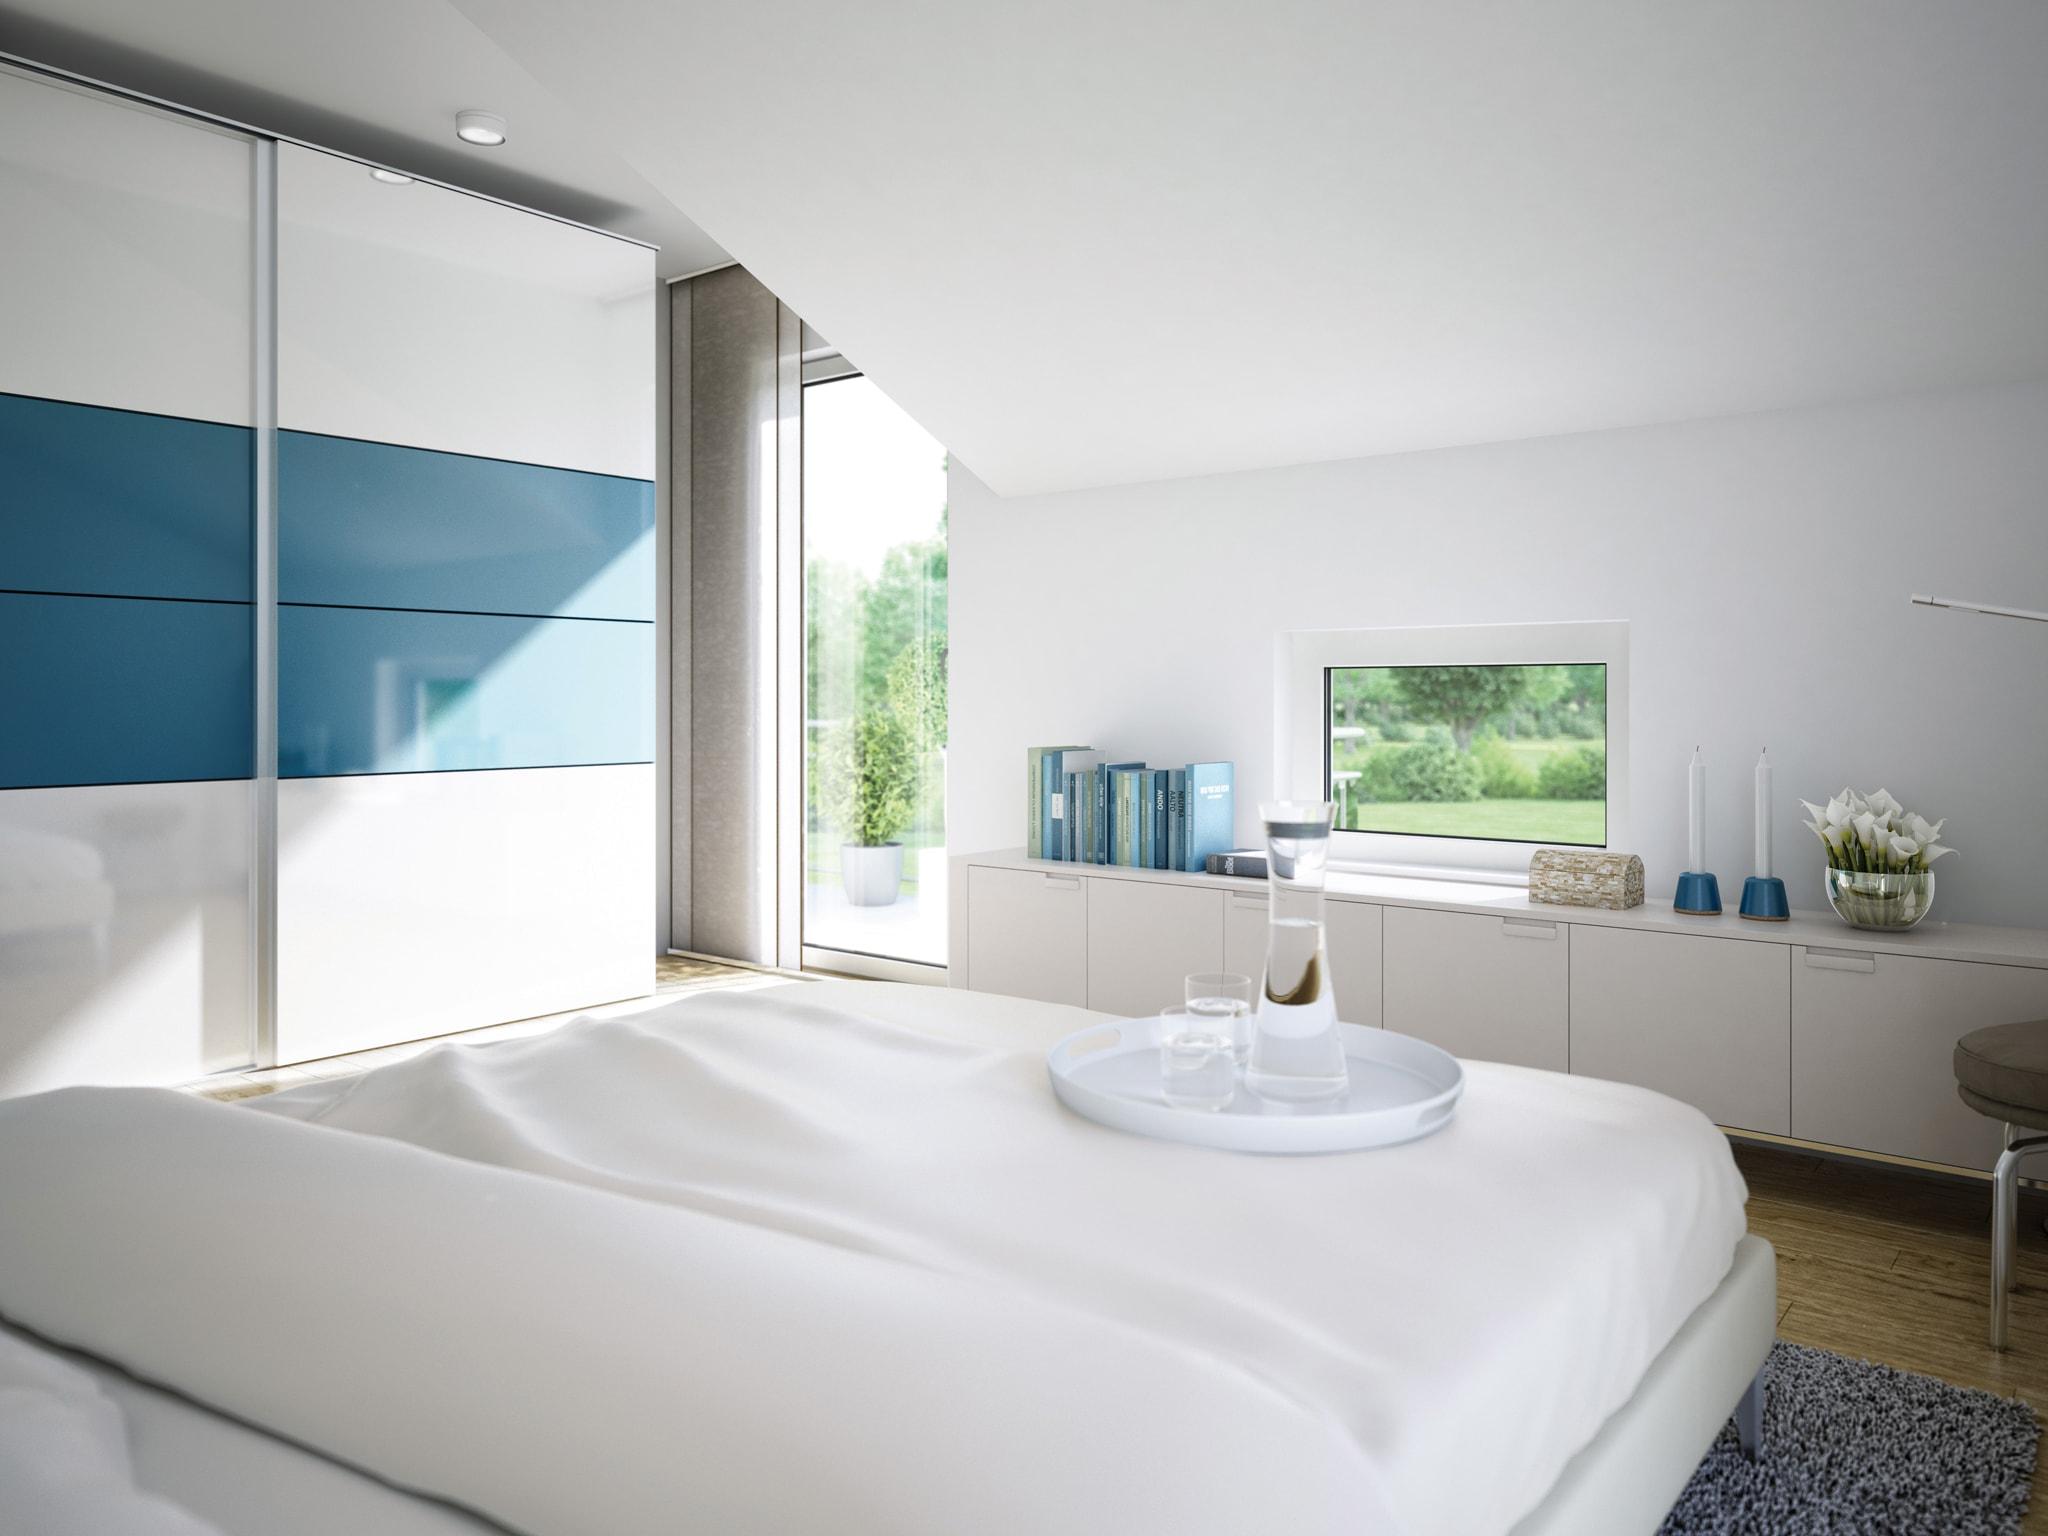 Schlafzimmer Ideen - Inneneinrichtung Fertighaus Living Haus SUNSHINE 151 V5 - HausbauDirekt.de